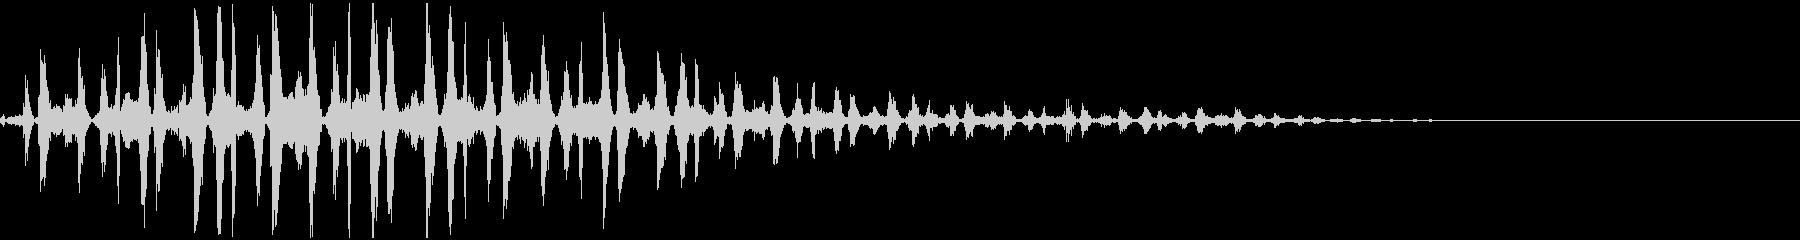 【FX】 DOWNLIFT 12の未再生の波形